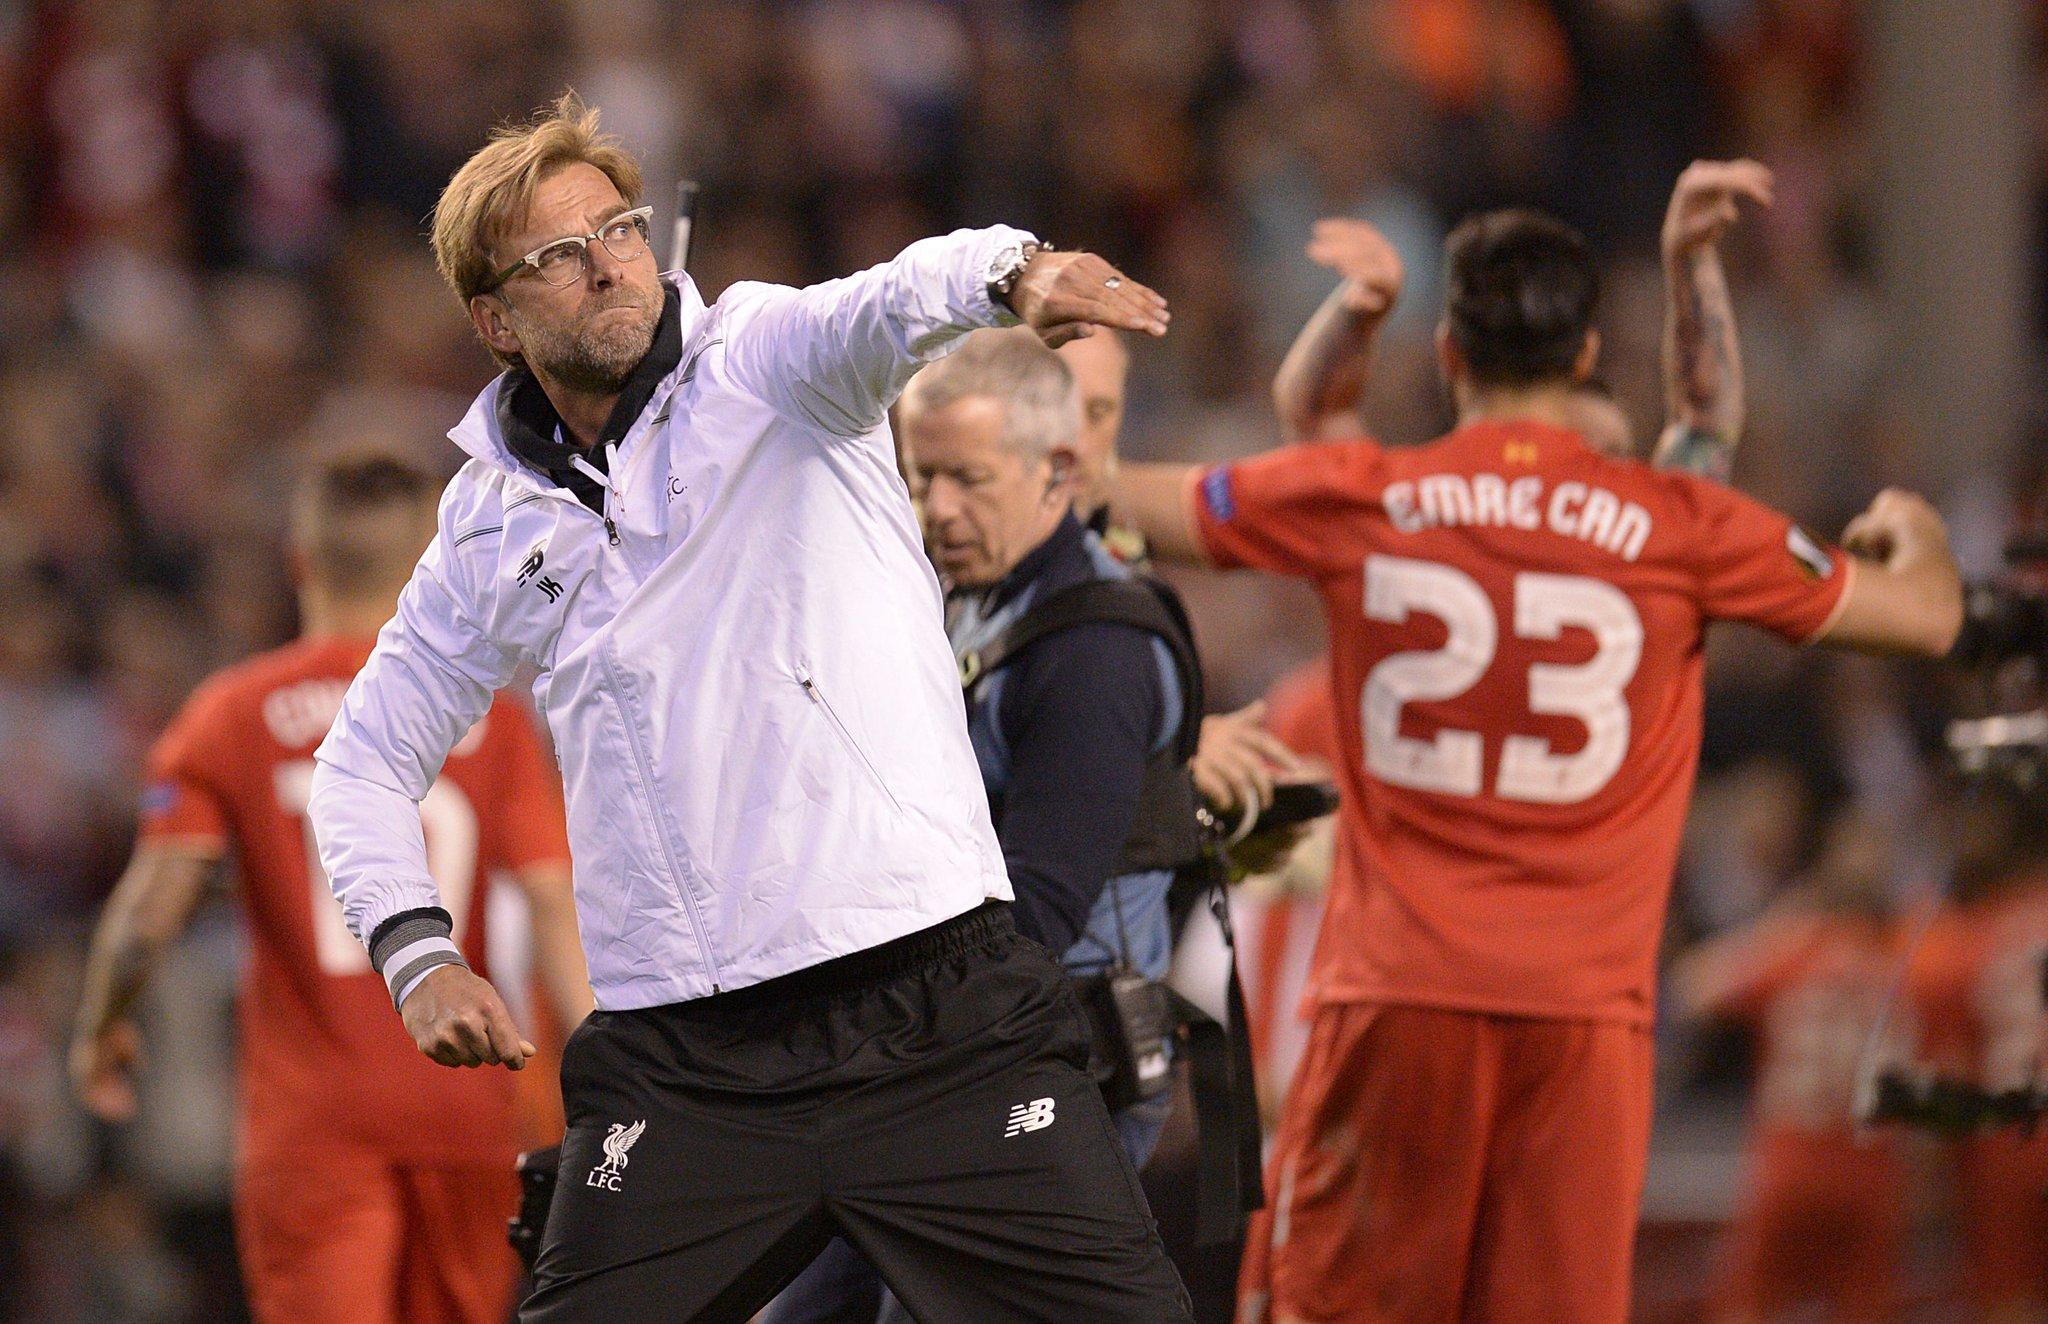 Klopp factor key as Liverpool reach #UELfinal: https://t.co/wBrOG5s6BN https://t.co/EUw3aihjht